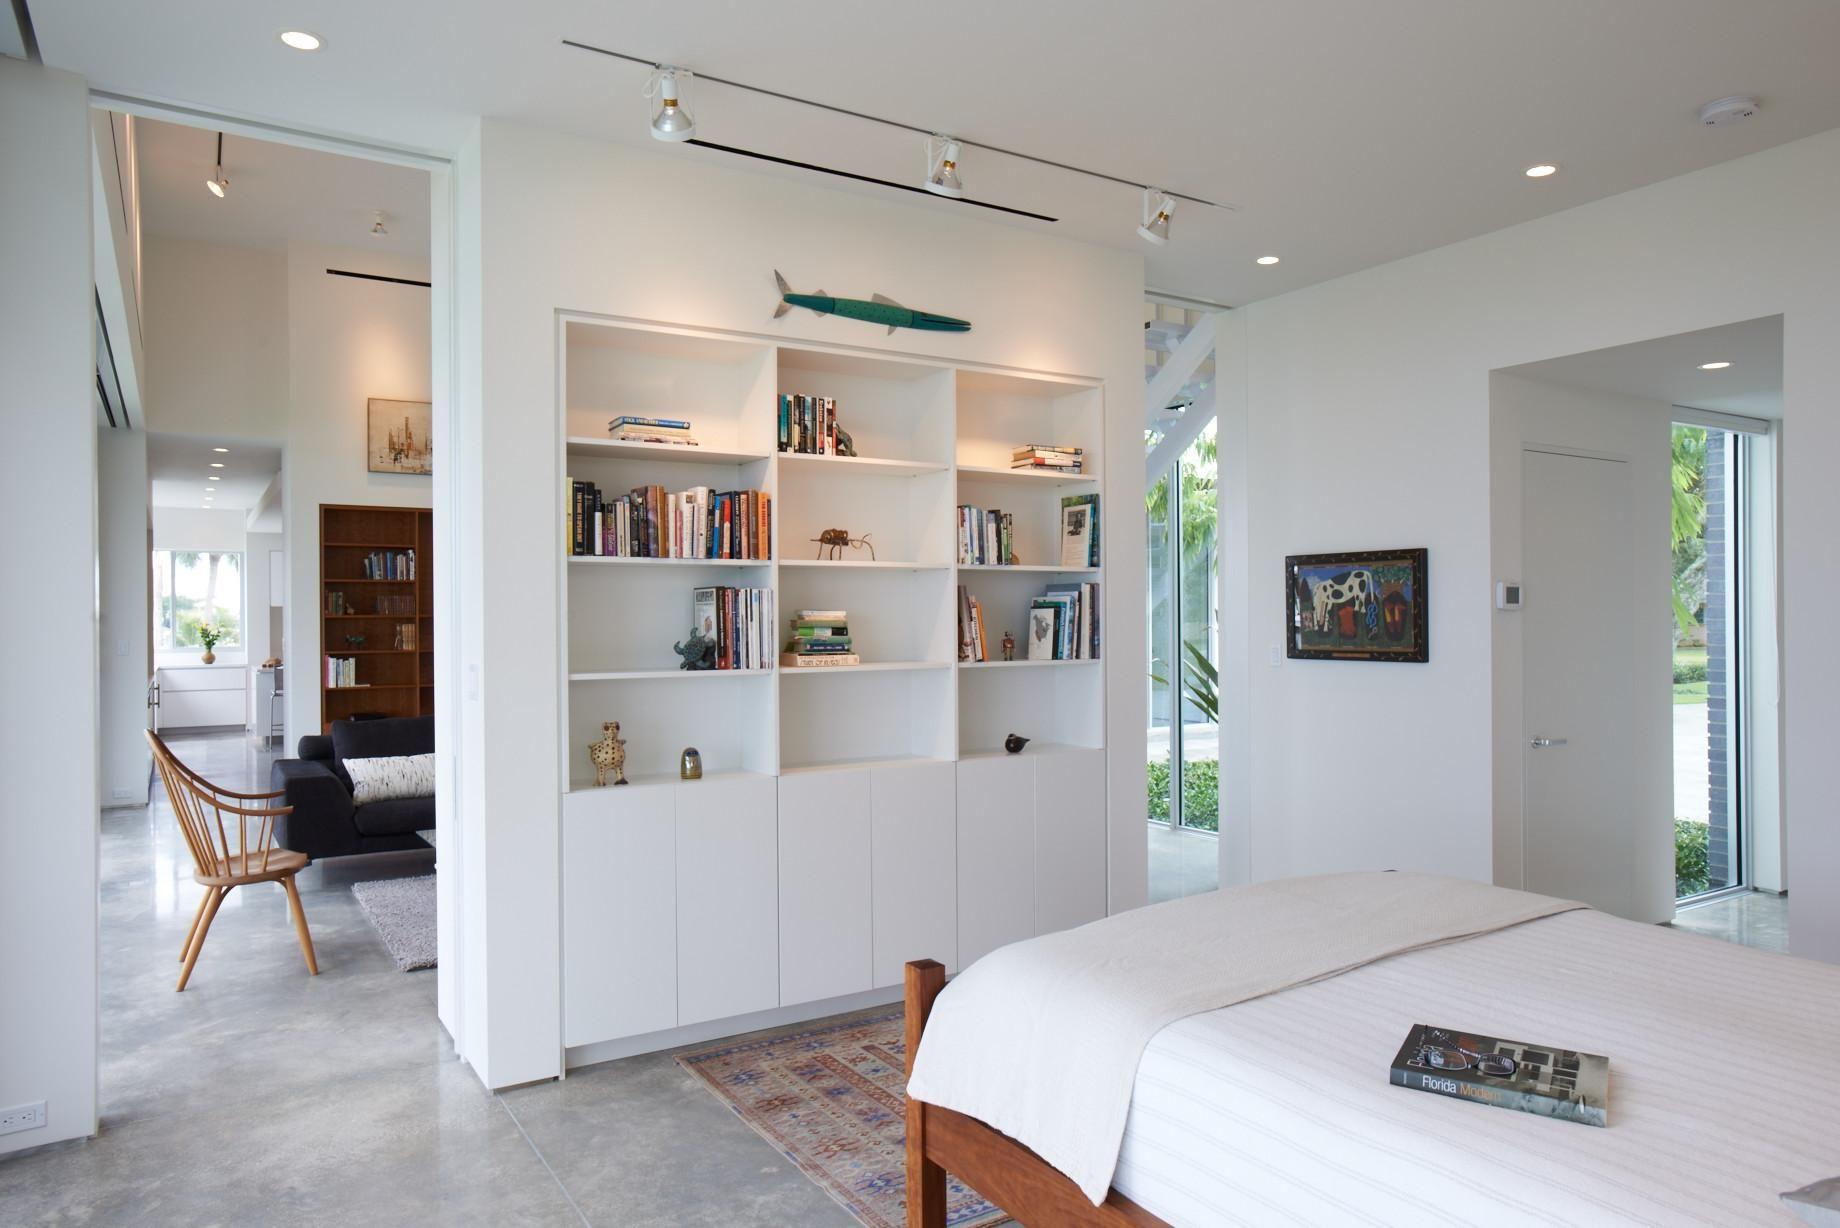 Стеллаж из гипсокартона в интерьере двухкомнатной квартиры